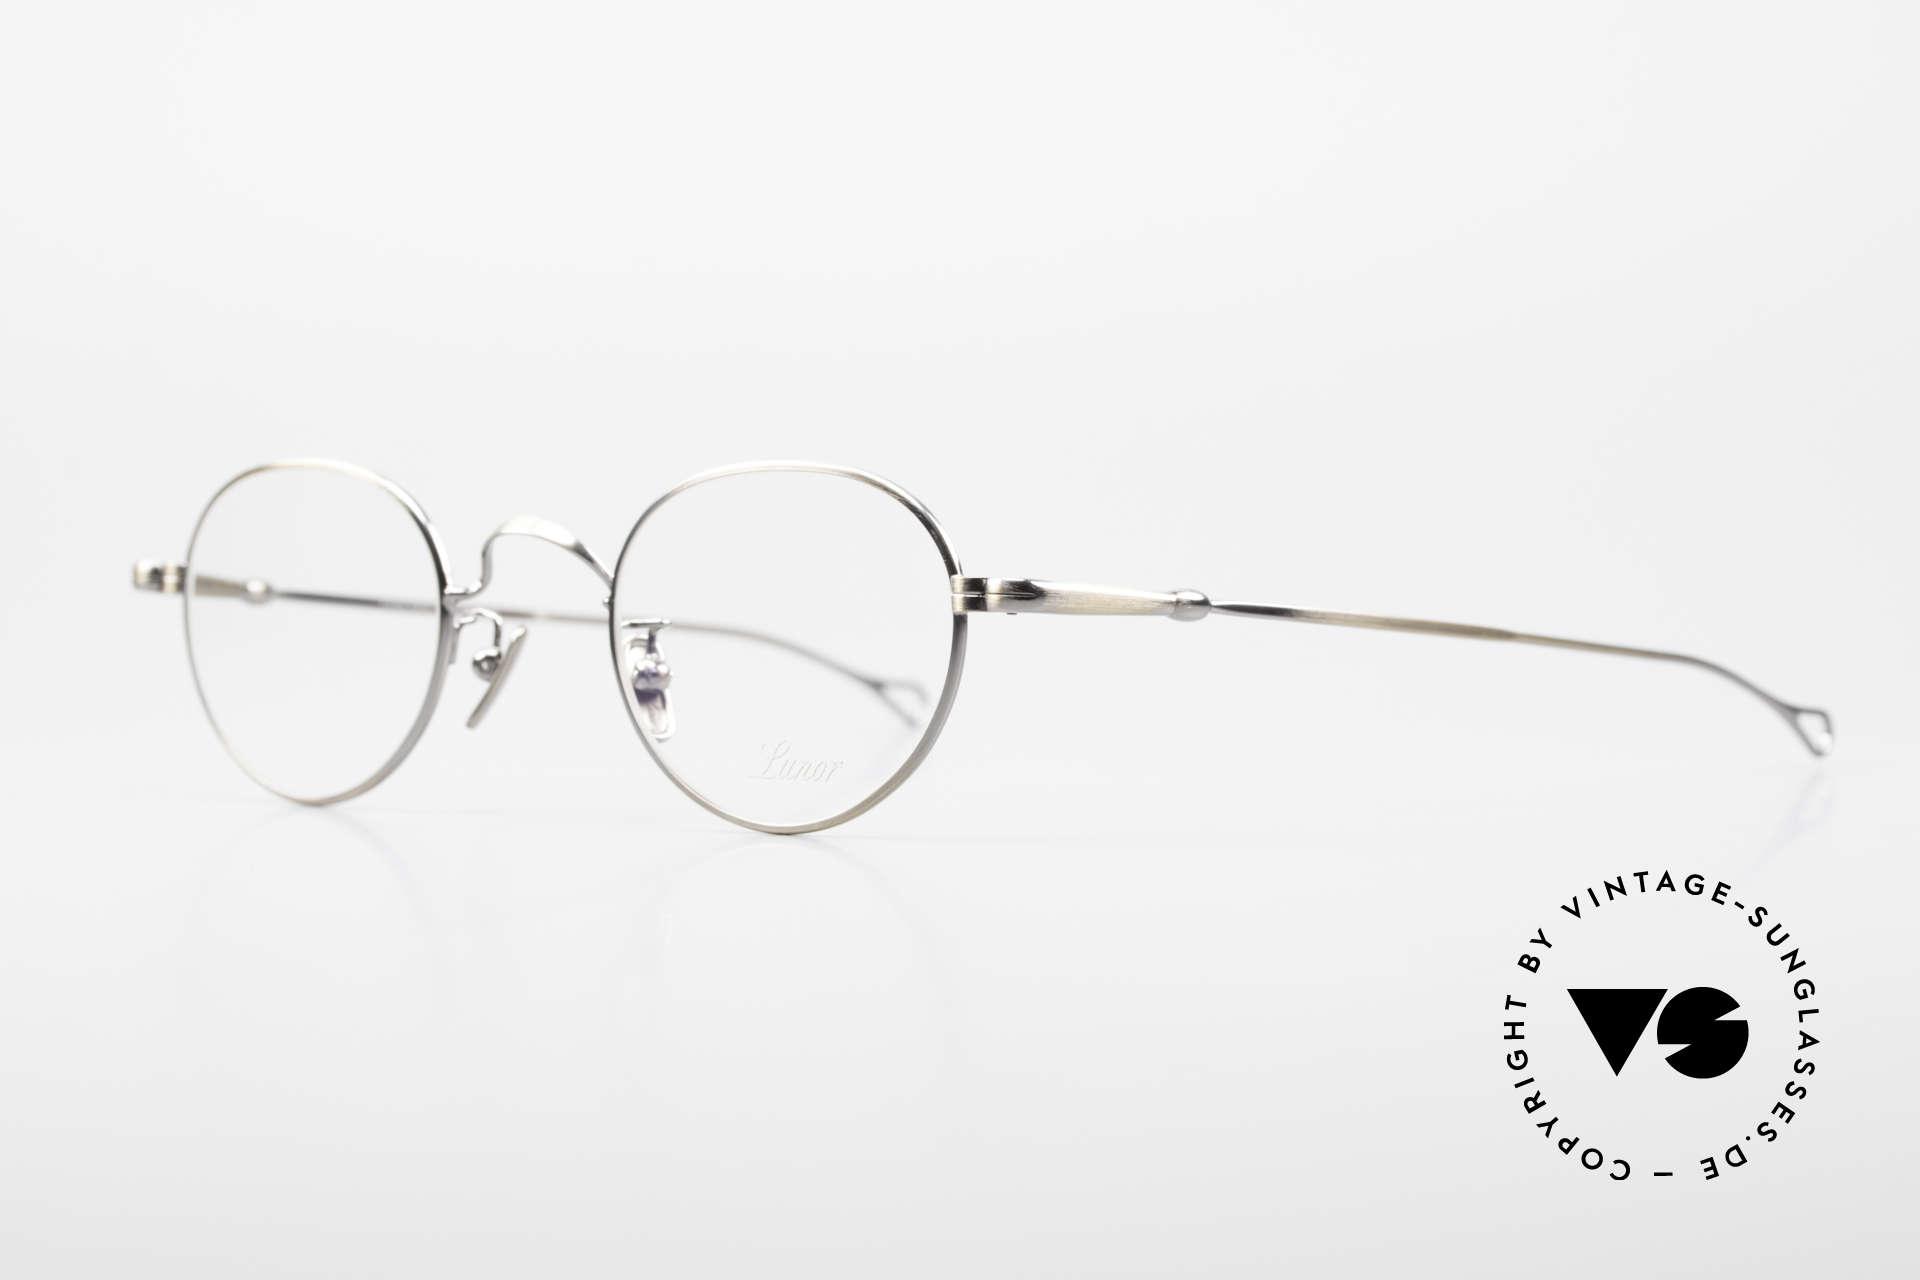 Lunor V 107 Runde Panto Brille Antik Gold, ohne große Logos; stattdessen mit zeitloser Eleganz, Passend für Herren und Damen